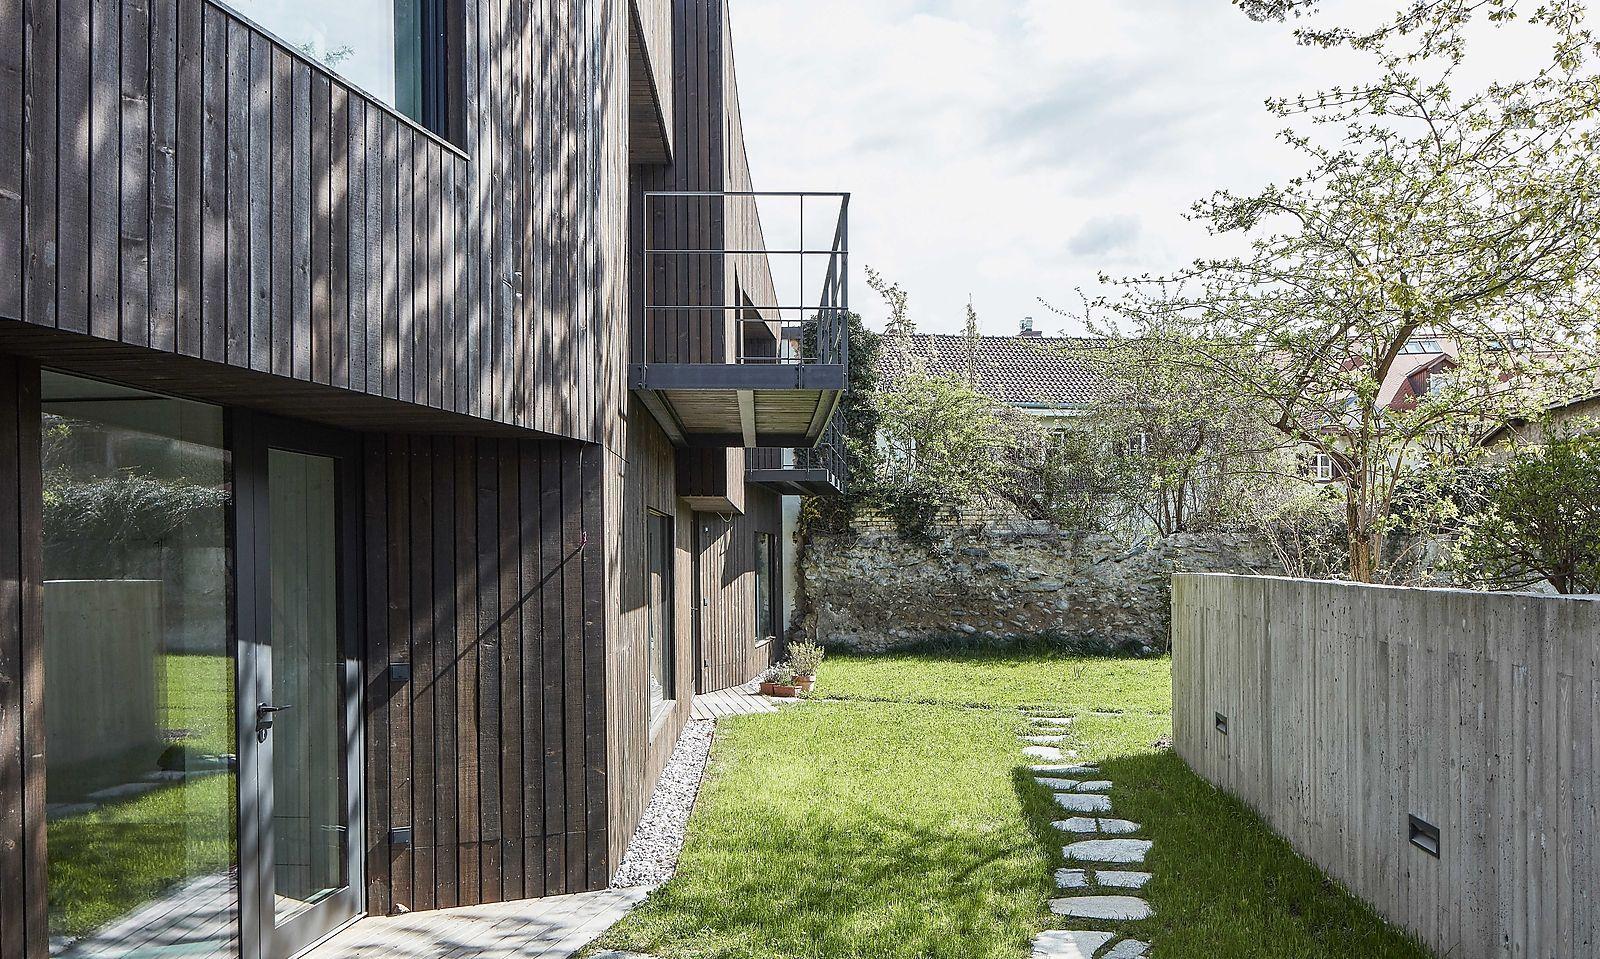 Blick auf die Eingangstüren und in den Garten.